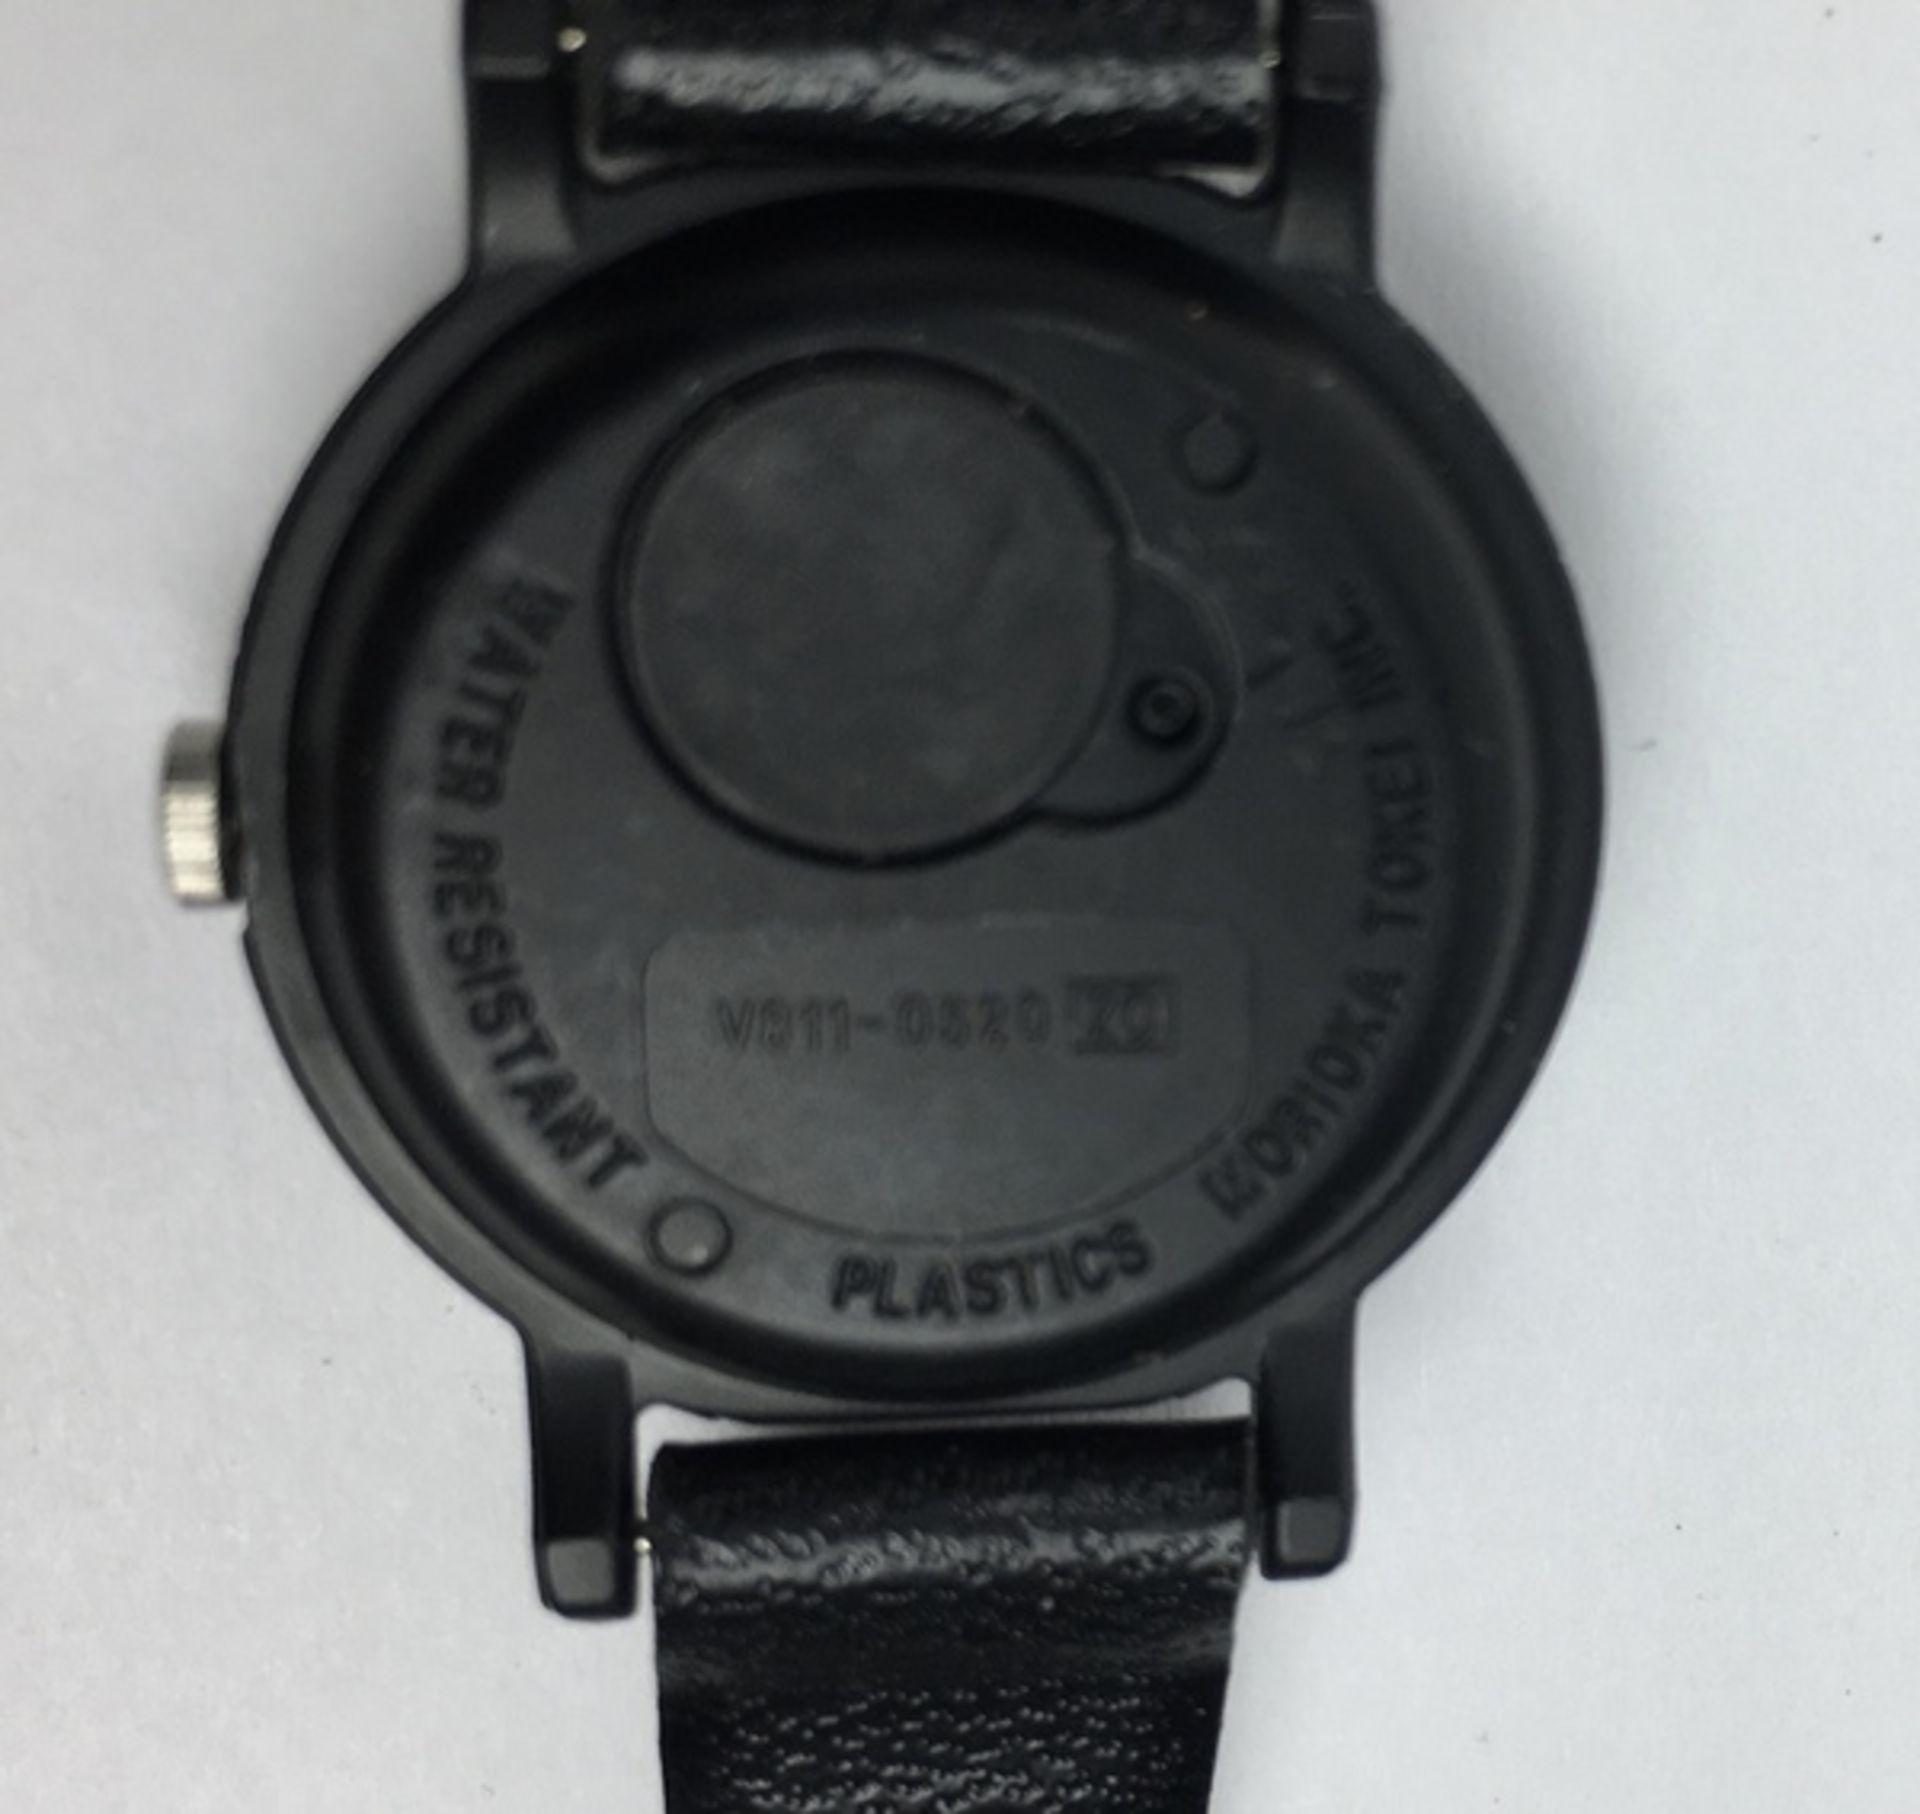 (Sieraden) HorlogesDrie verschillende merken horloges. Conditie: Gebruikssporen, niet getest. A - Image 6 of 7